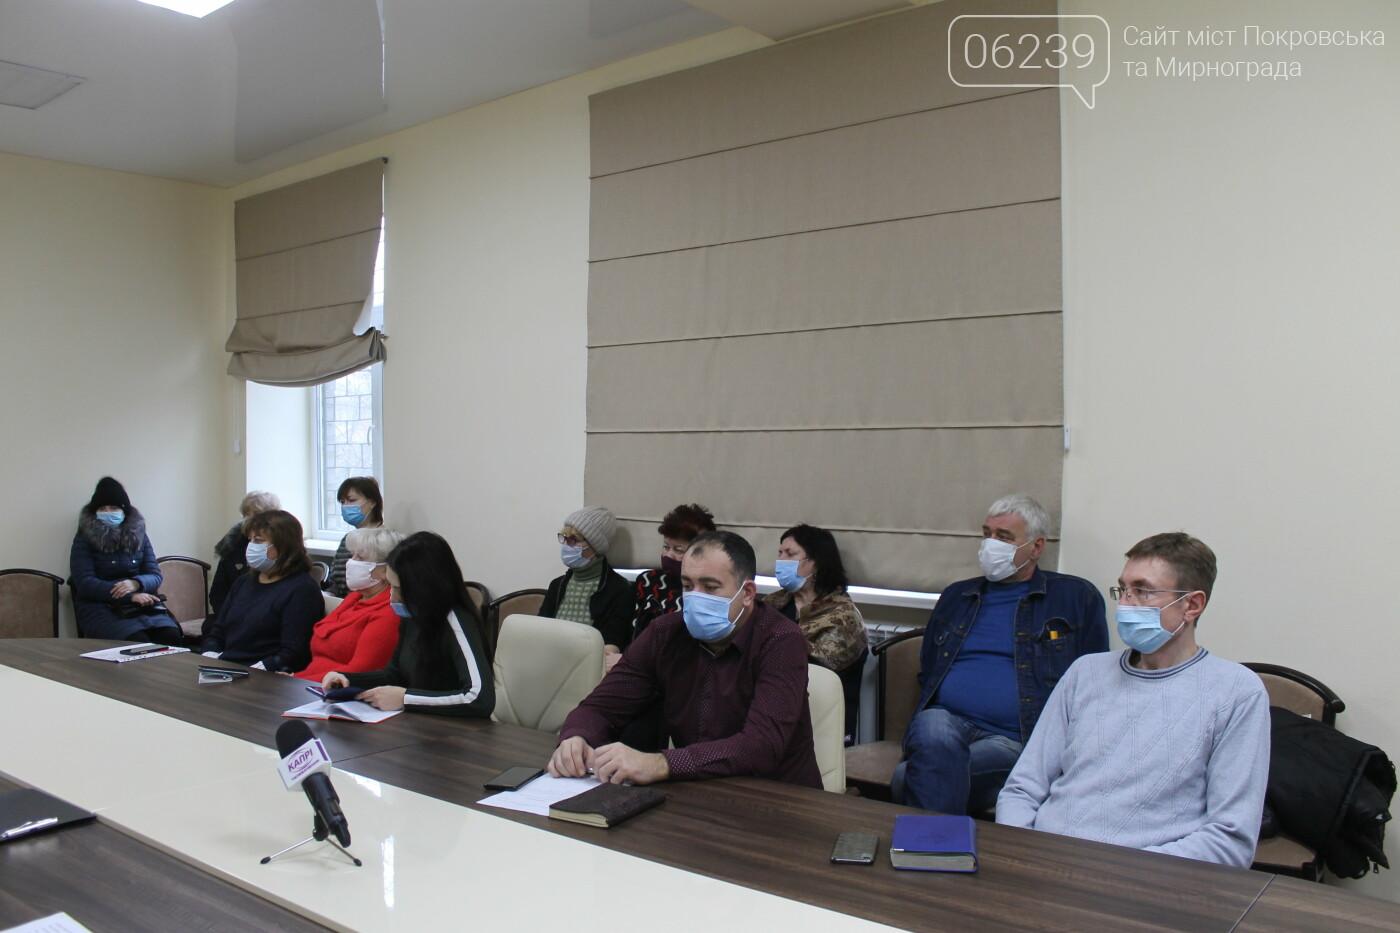 Локдаун в Покровске: что изменится для горожан с 8 января?, фото-14